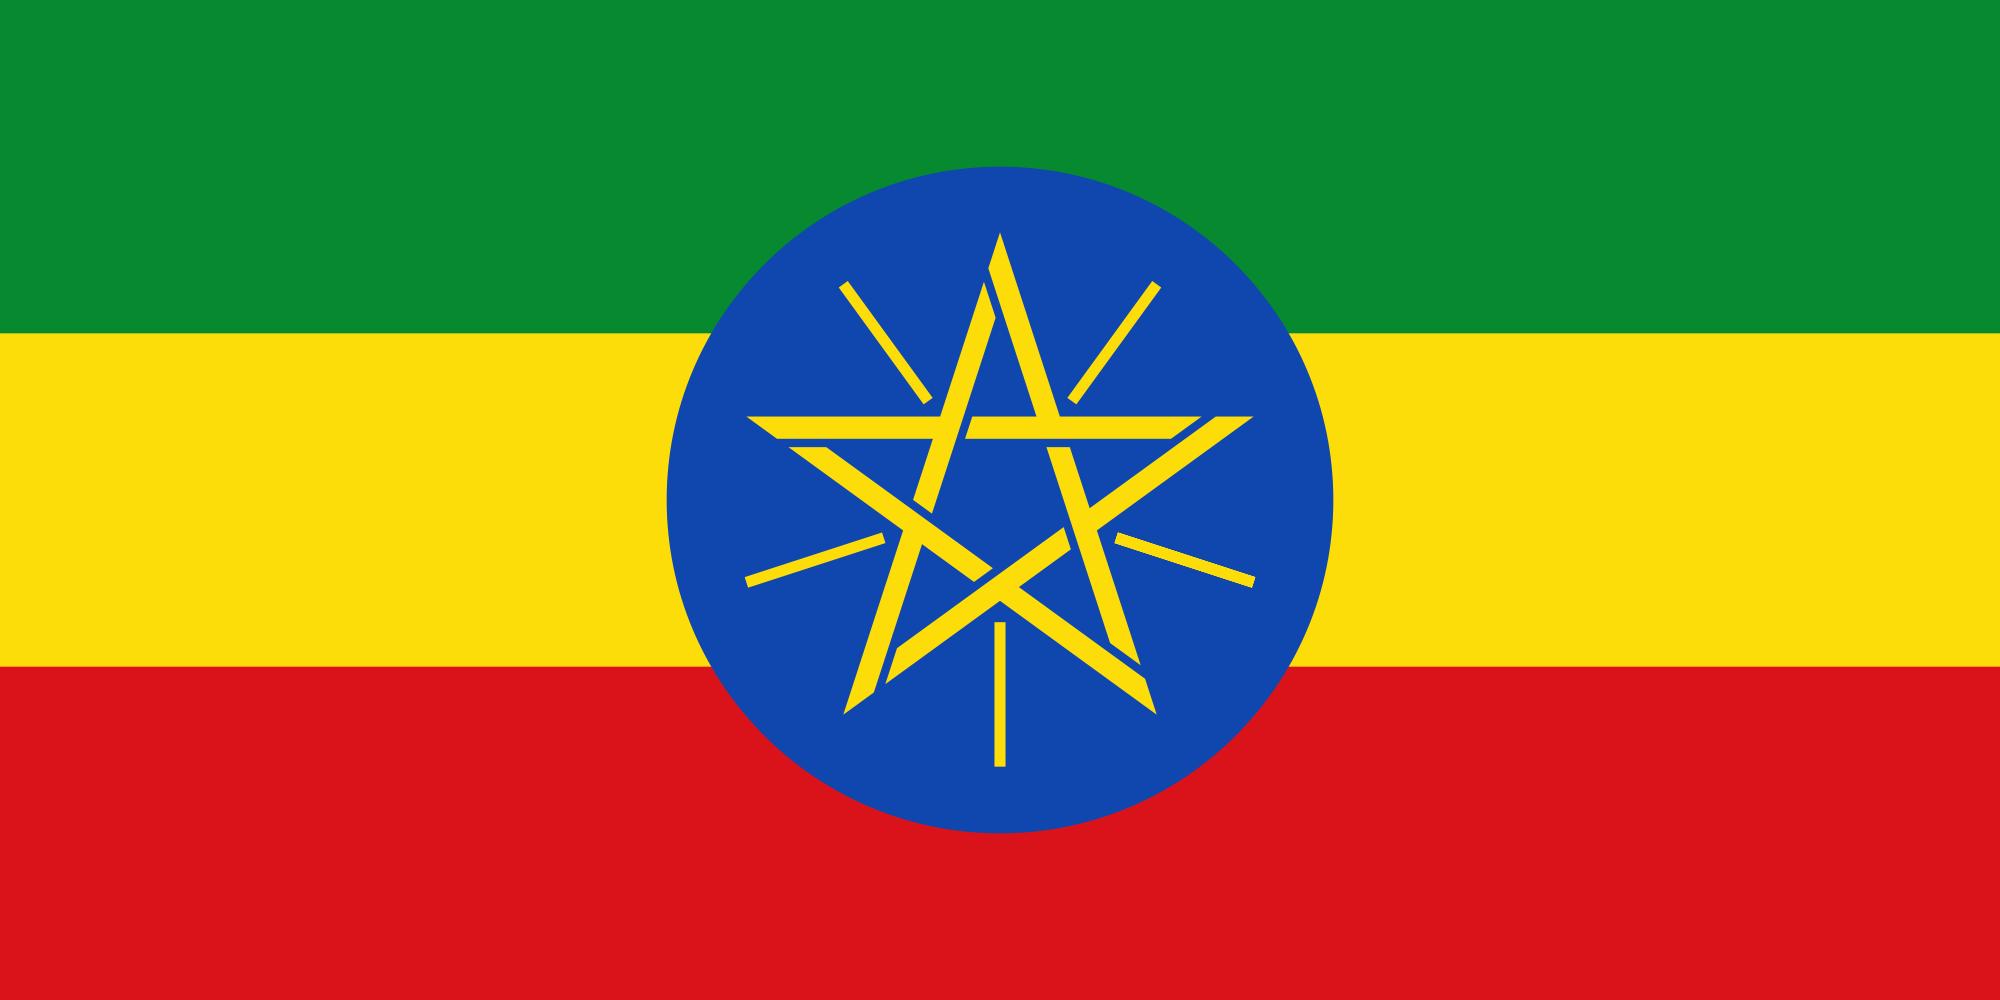 Federal Democratic Republic of Ethiopia